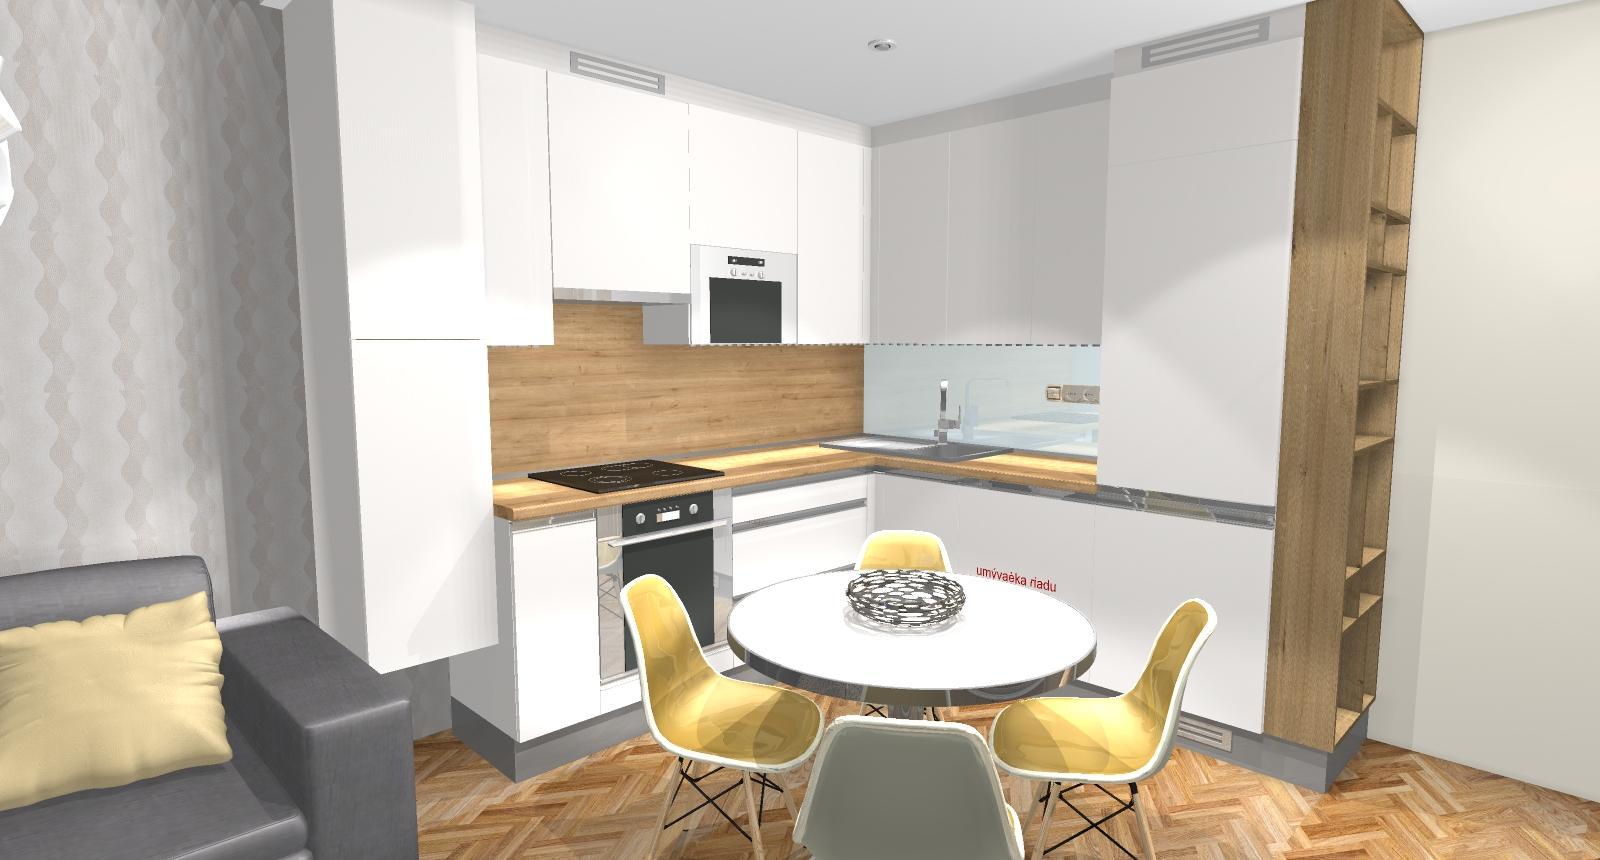 Grafické návrhy bytov - Zariadenie dvojizbového bytu vo Zvolene na Zlatom potoku, ktorý sa prerobí na trojizbový - kuchyňa+obývačka - obr.2